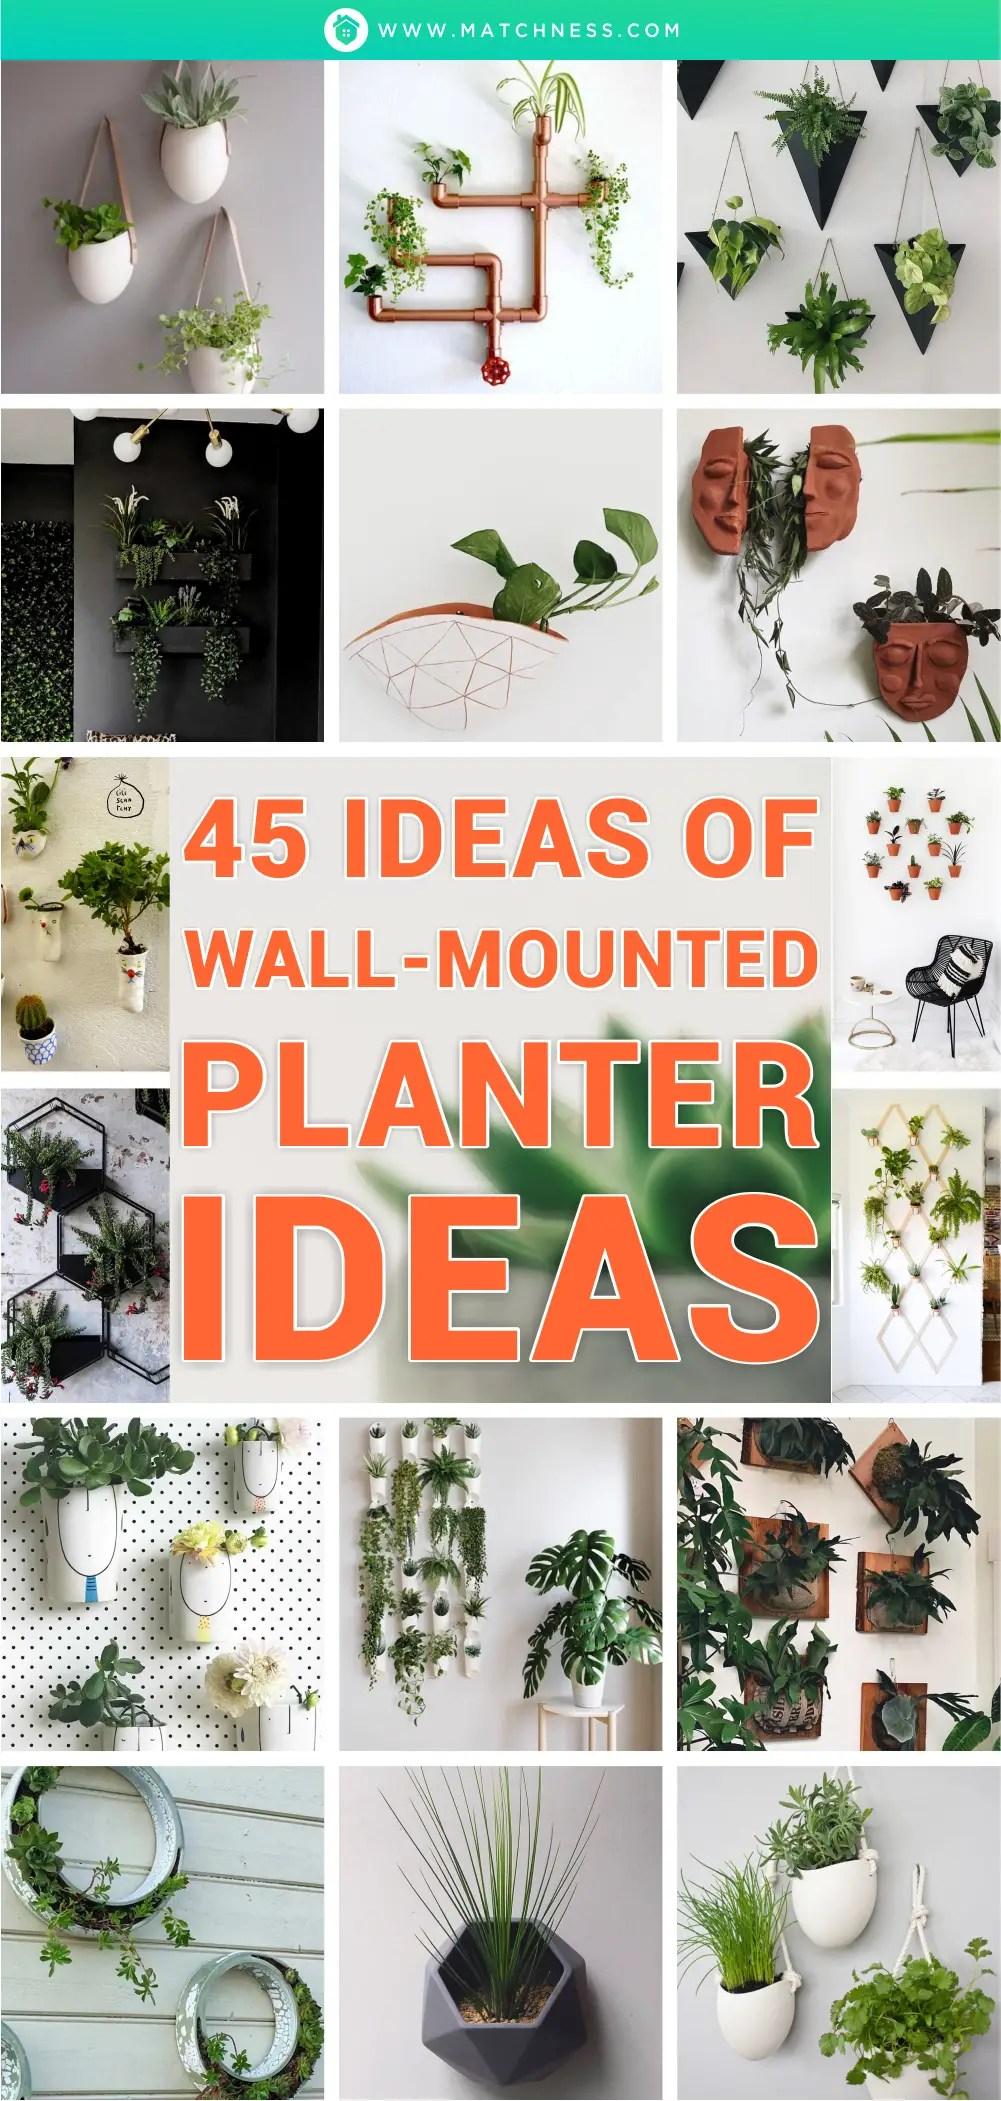 45-ideen-von-wandmontierten-pflanzgefäß-ideen1